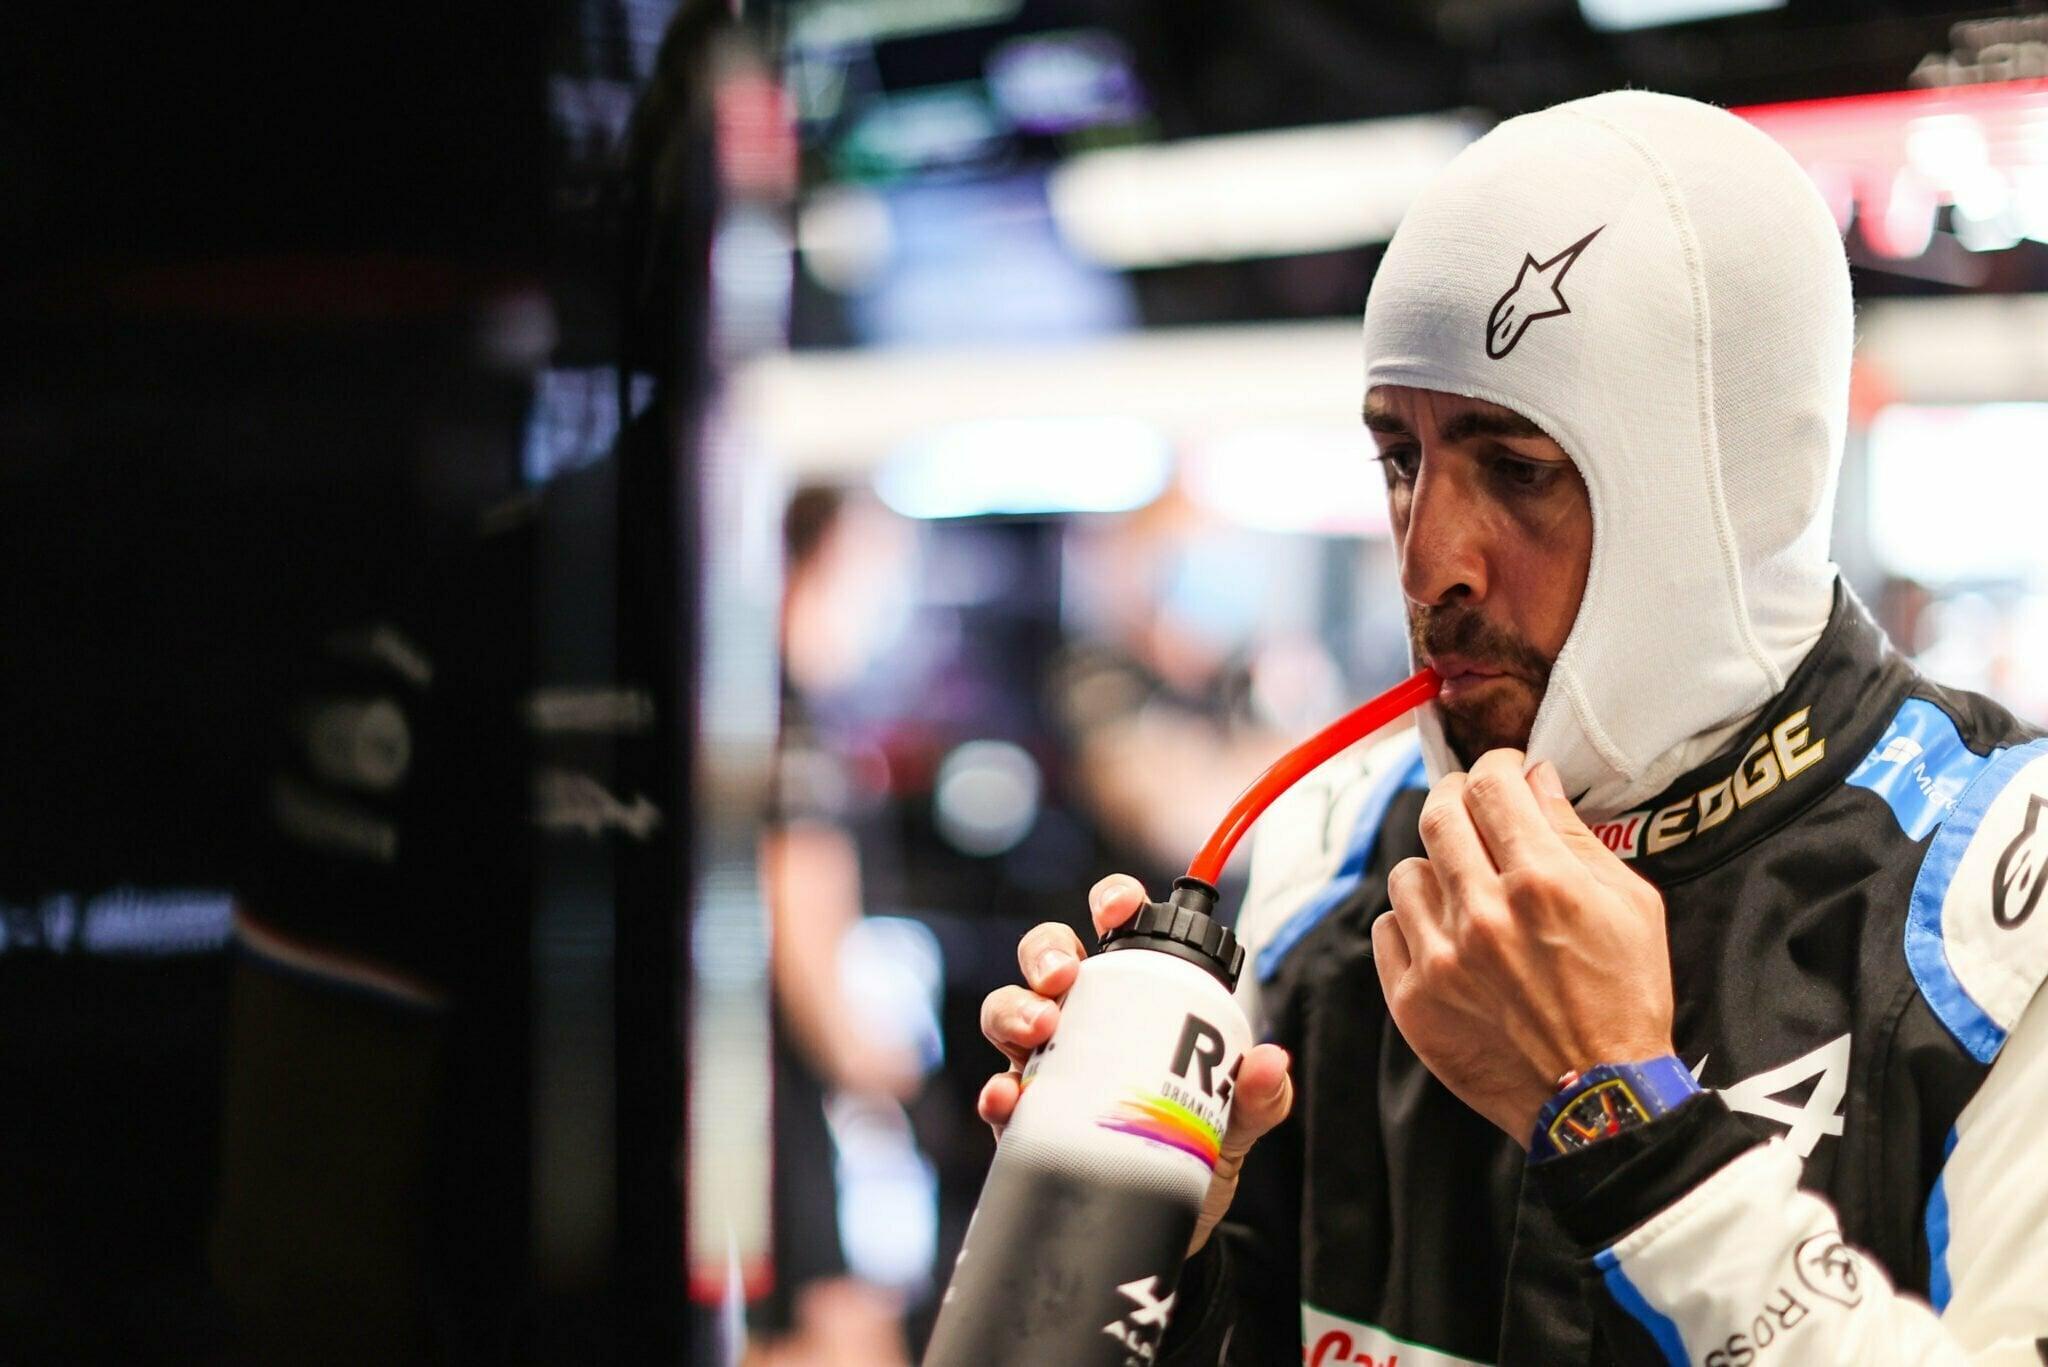 Alpine F1 Team A521 Alonso Ocon Grand Prix Espagne 2021